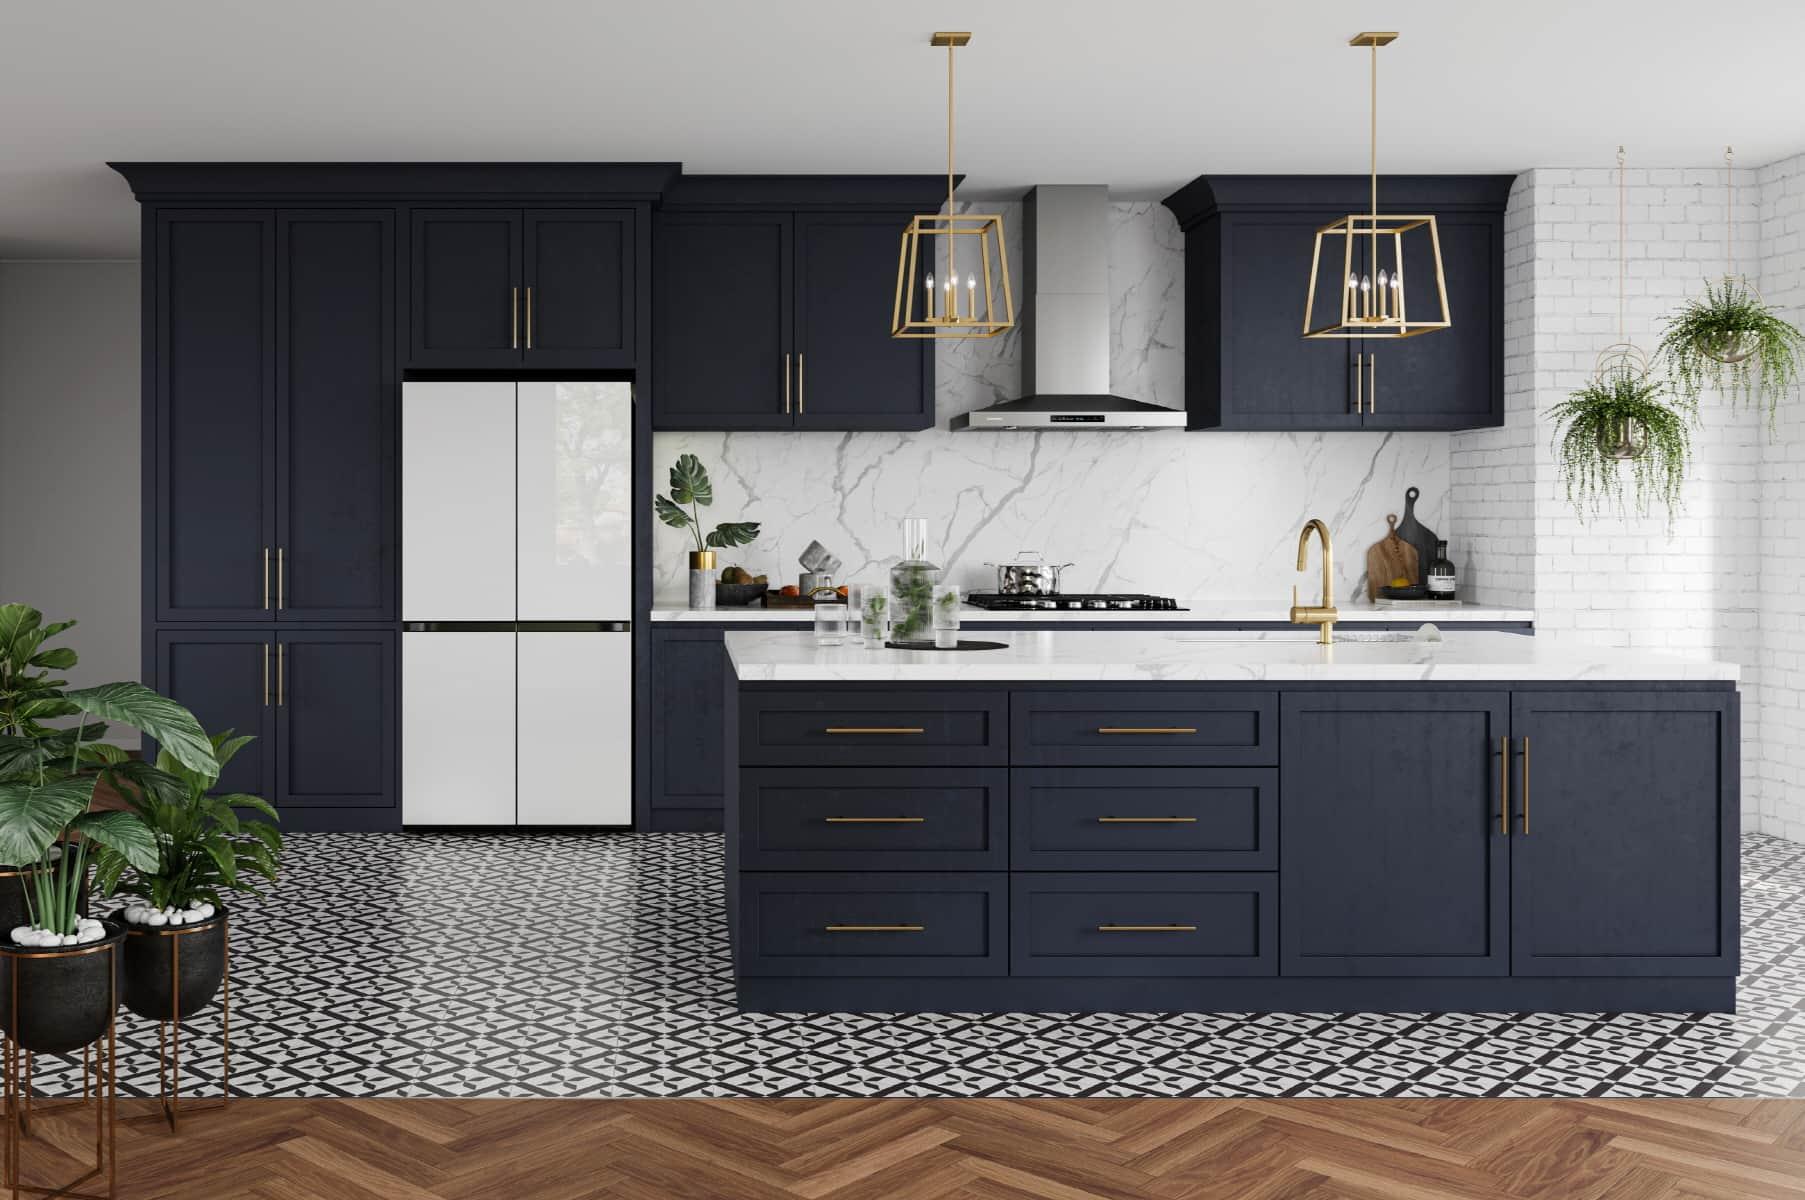 Beim Bespoke-Kühlschrank kann der Nutzer zwischen verschiedenen Farben und Materialien wählen und ihn so an seinen Lebens- oder Einrichtungsstil anpassen.